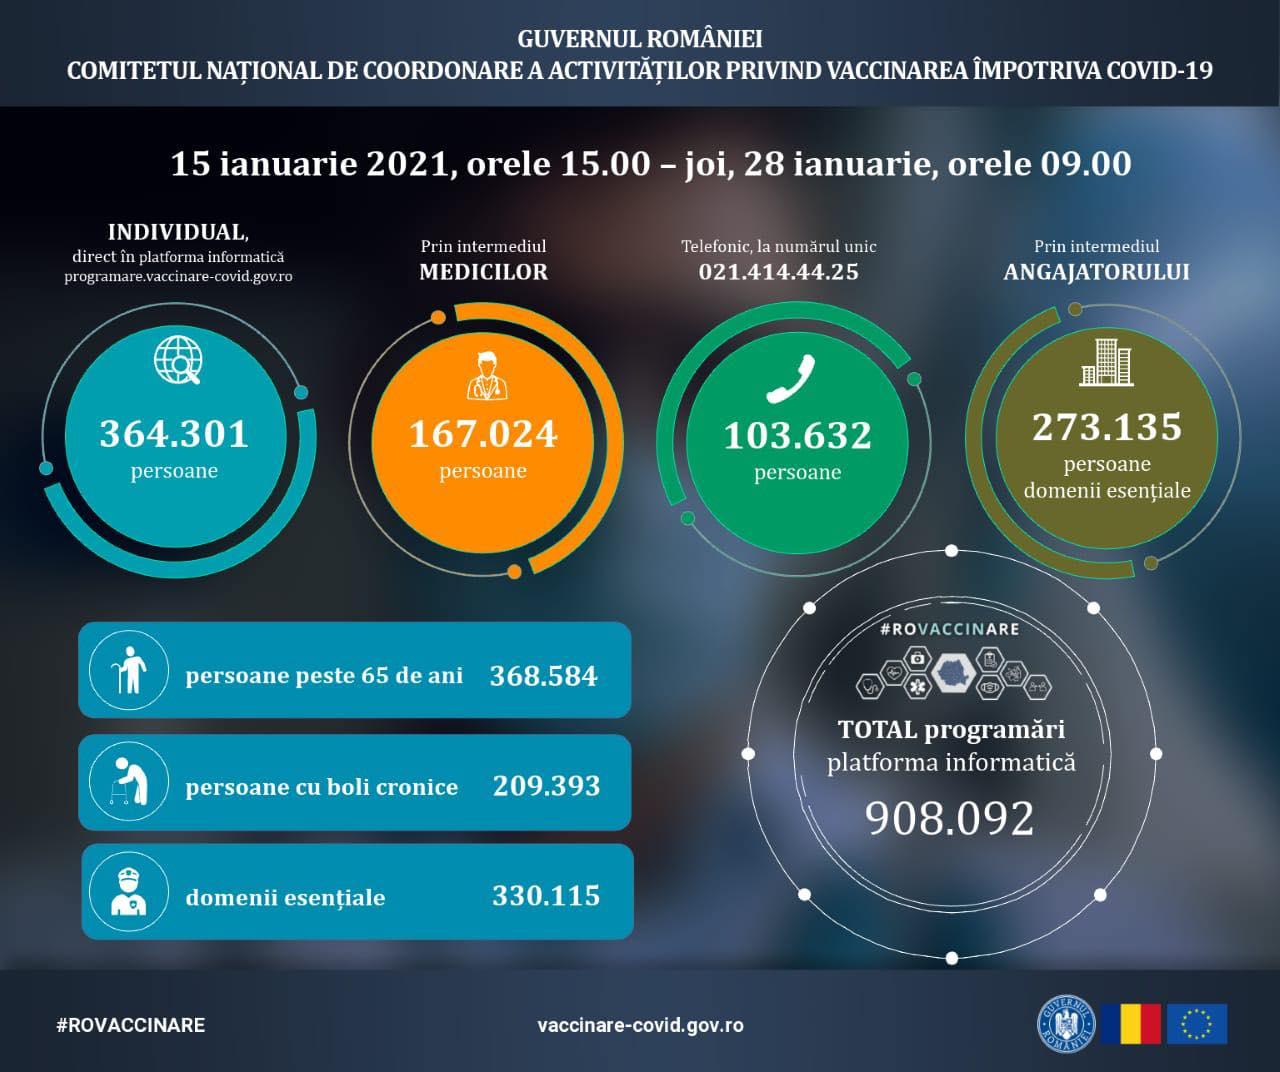 908.092 de persoane s-au programat la vaccin, pe platforma programare.vaccinare-covid.gov.ro